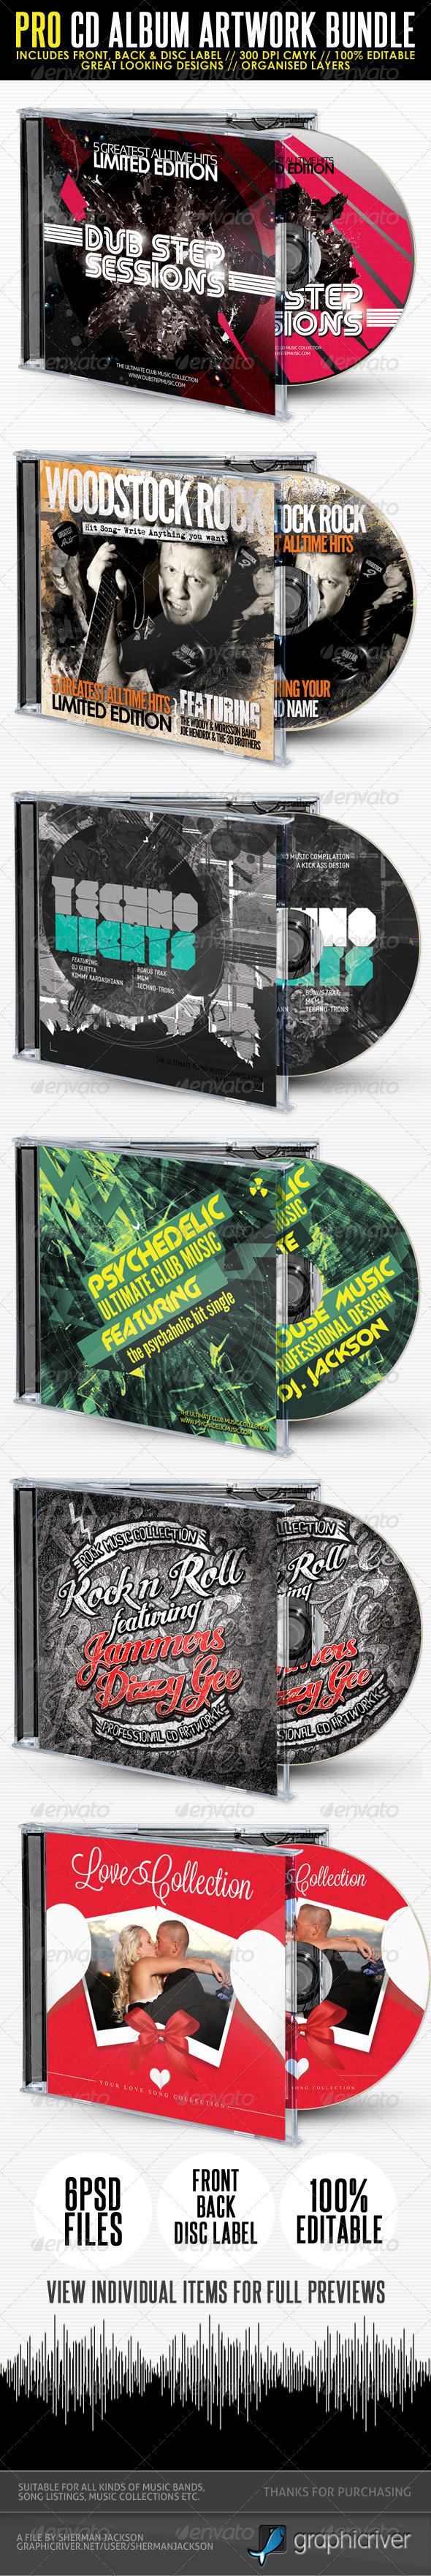 Pro CD Artwork Bundle Package V.1 - CD & DVD Artwork Print Templates